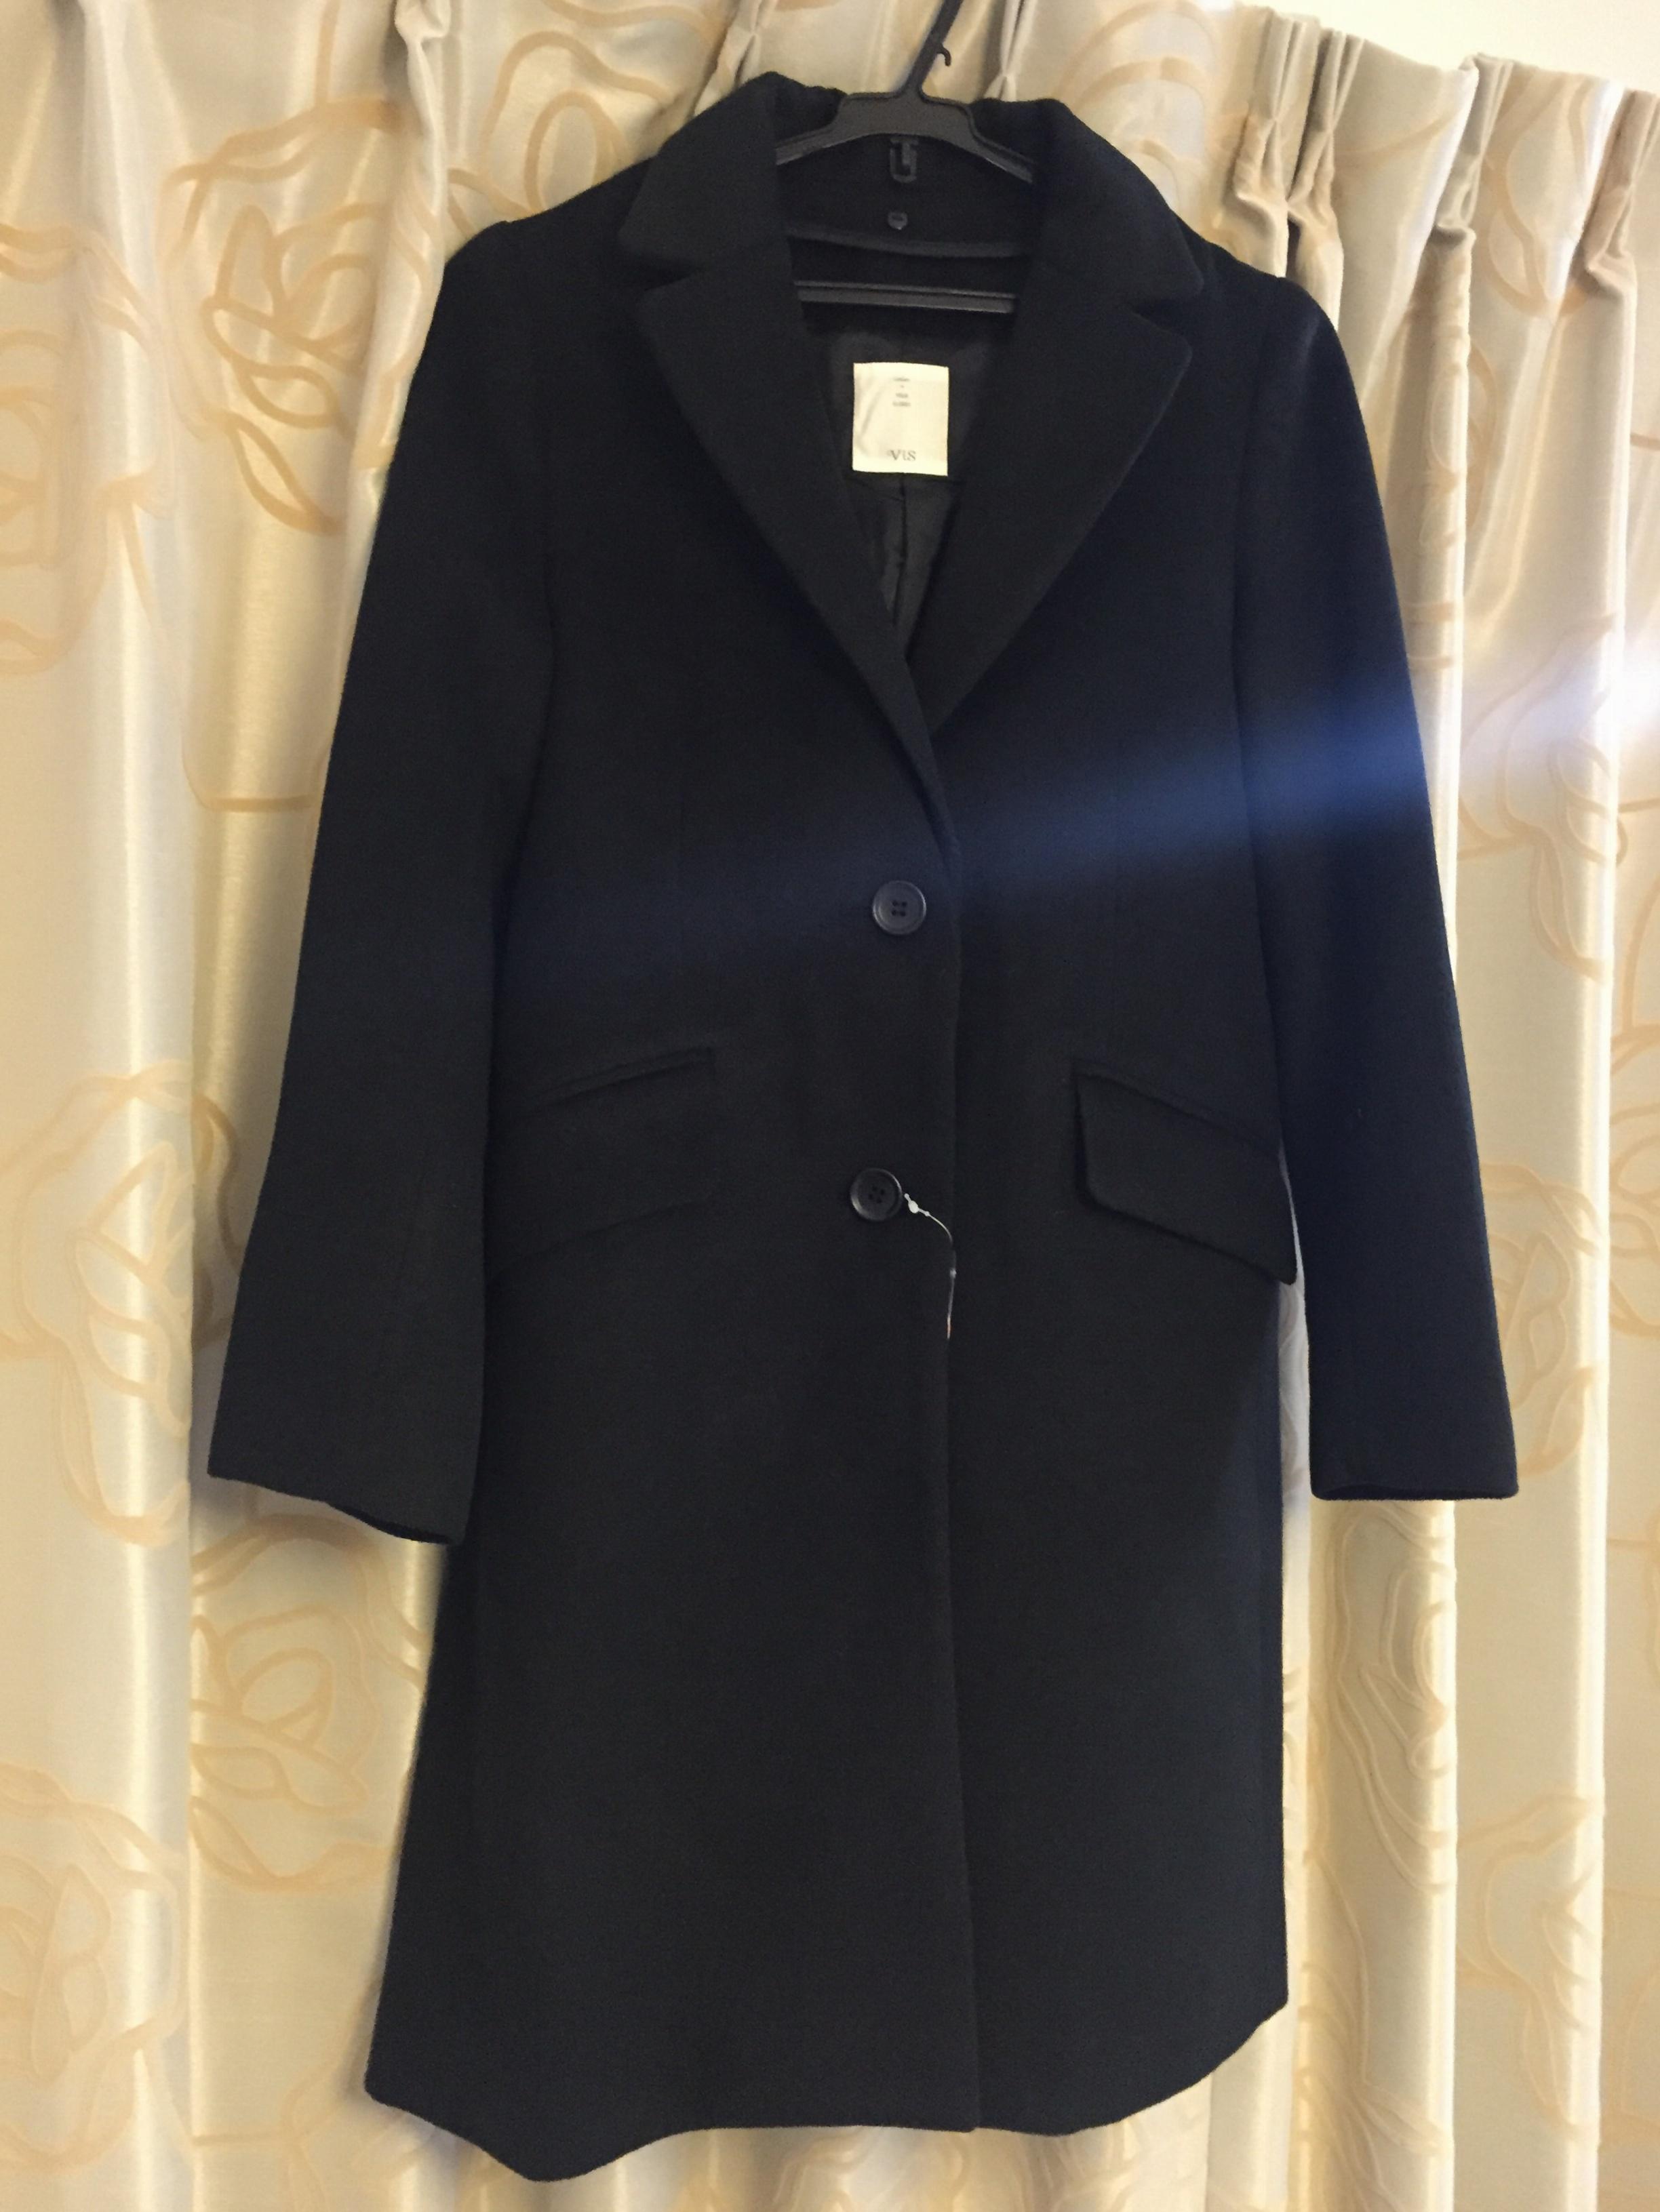 ♡ViSの新作2wayコートは実は6way?1万円以下で買える優秀アウターとは♡_2